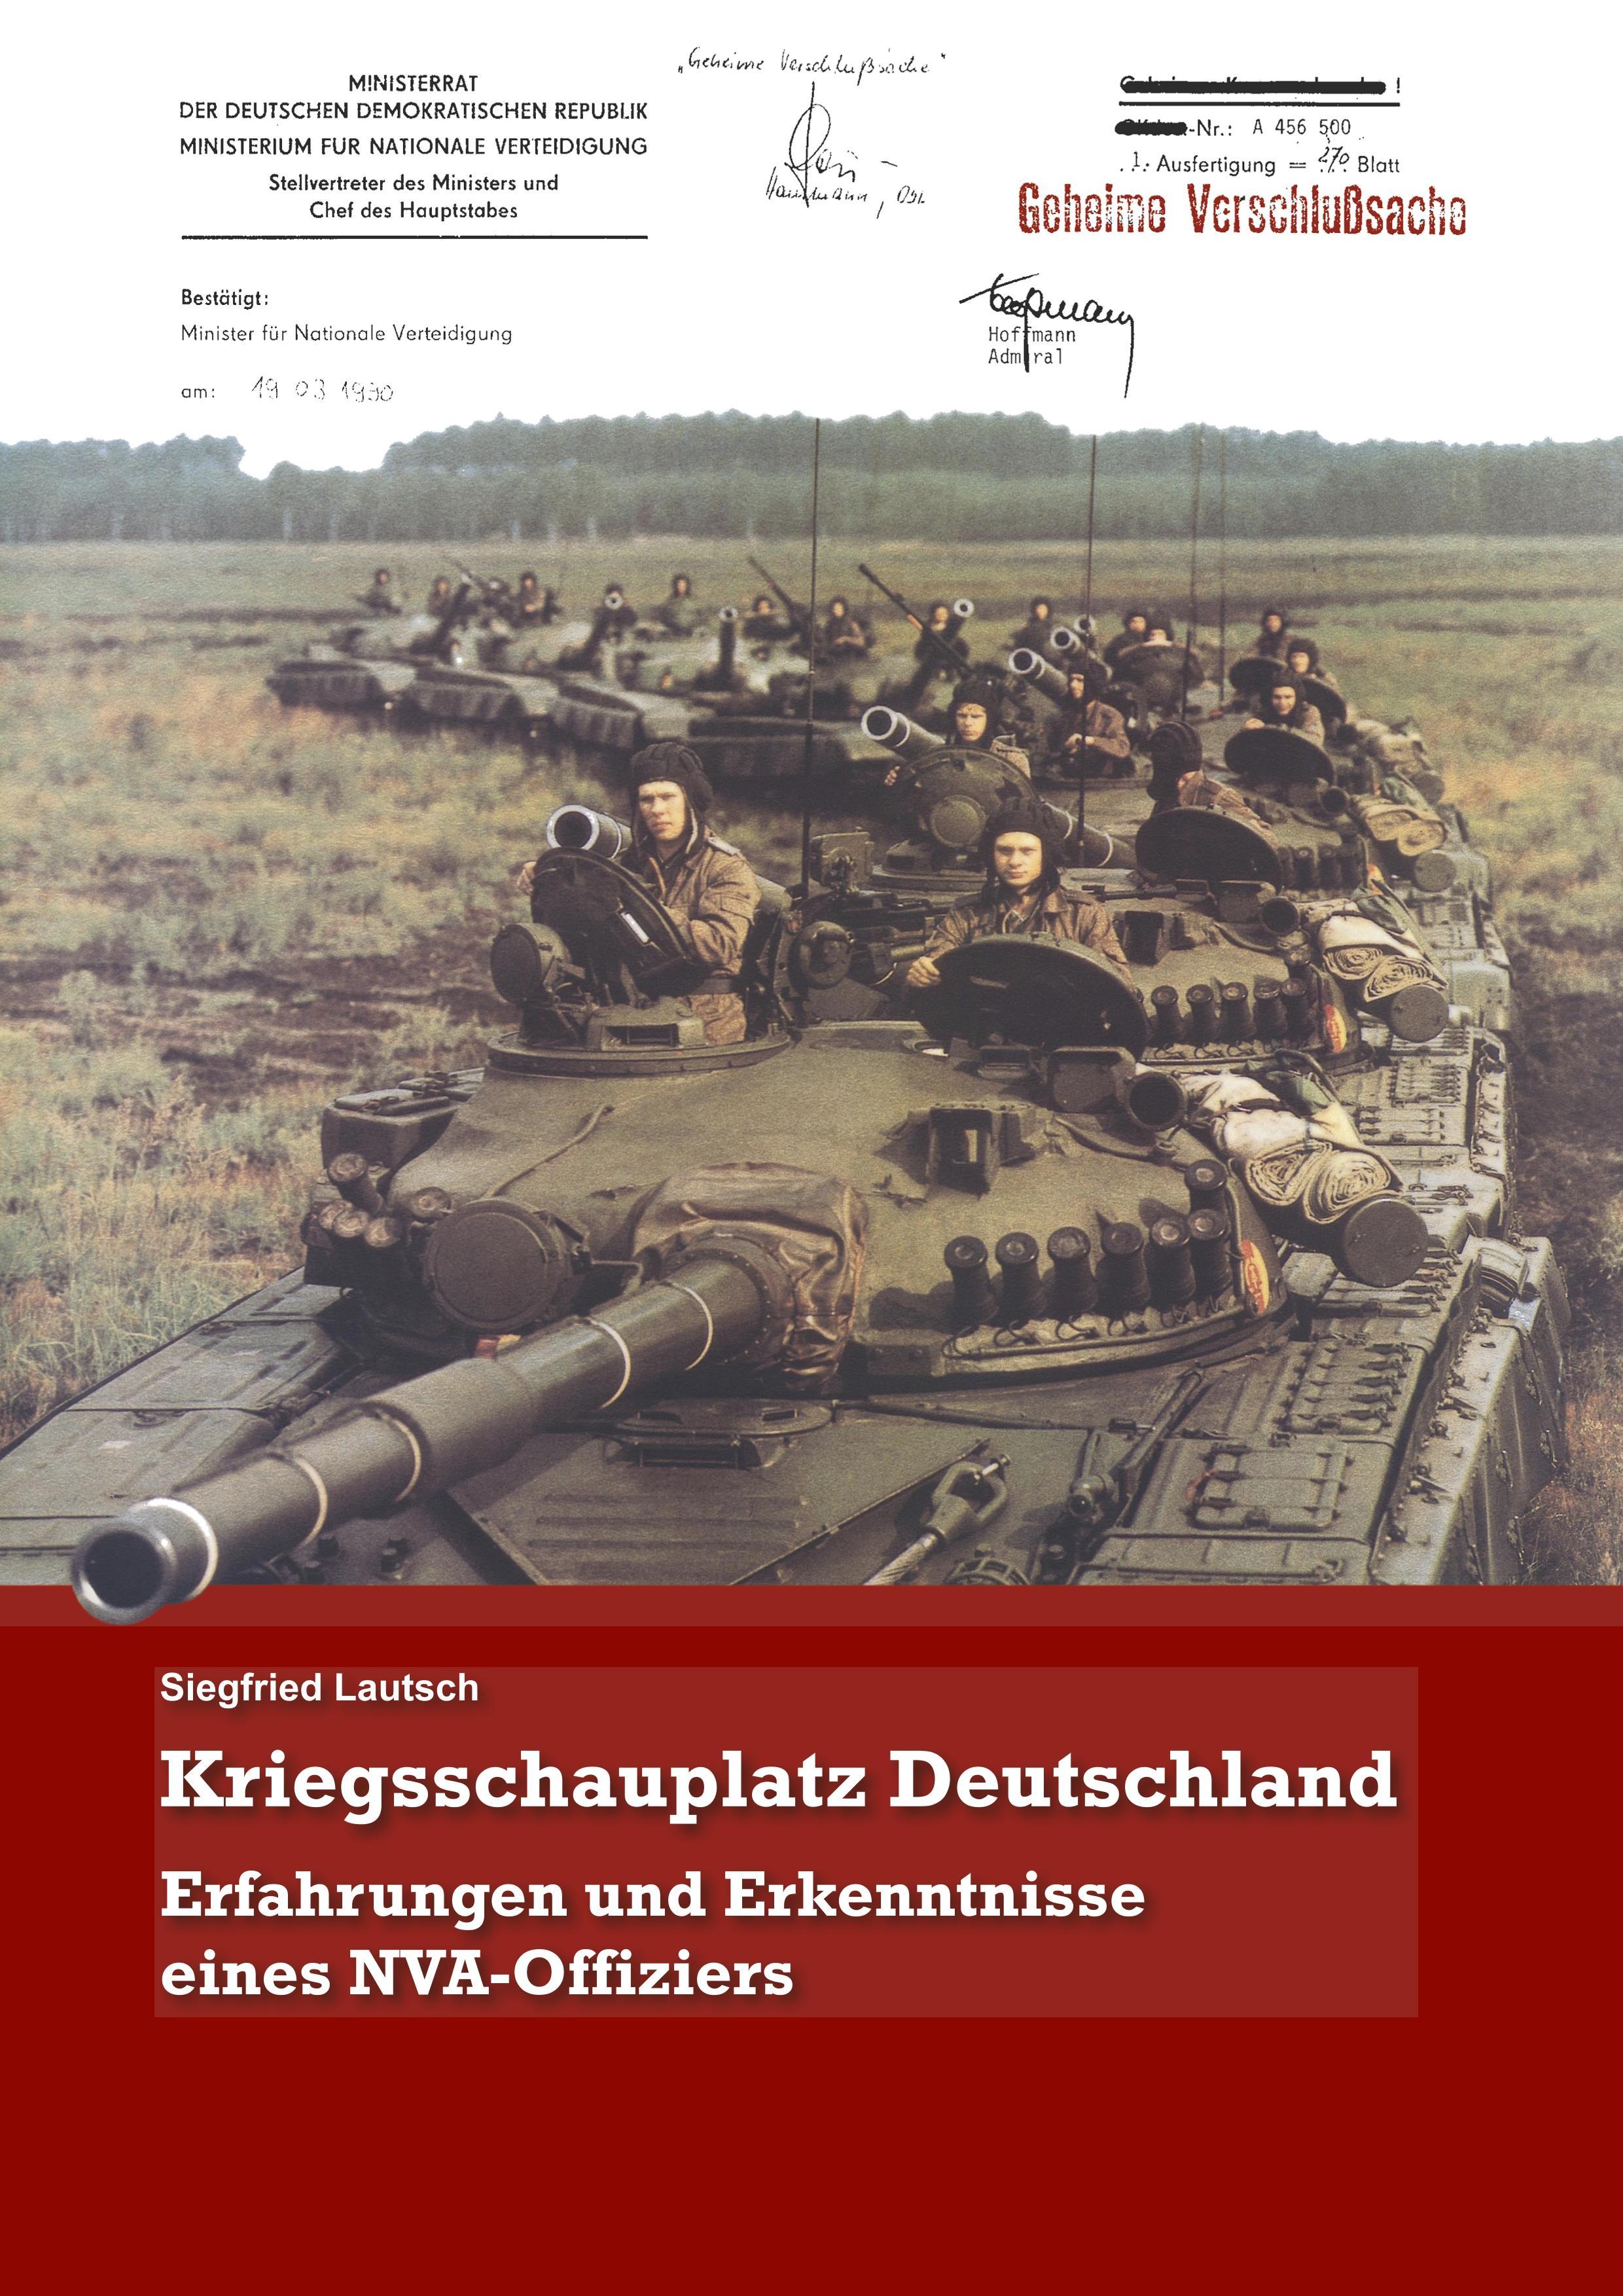 Kriegsschauplatz Deutschland - Lautsch, Siegfried